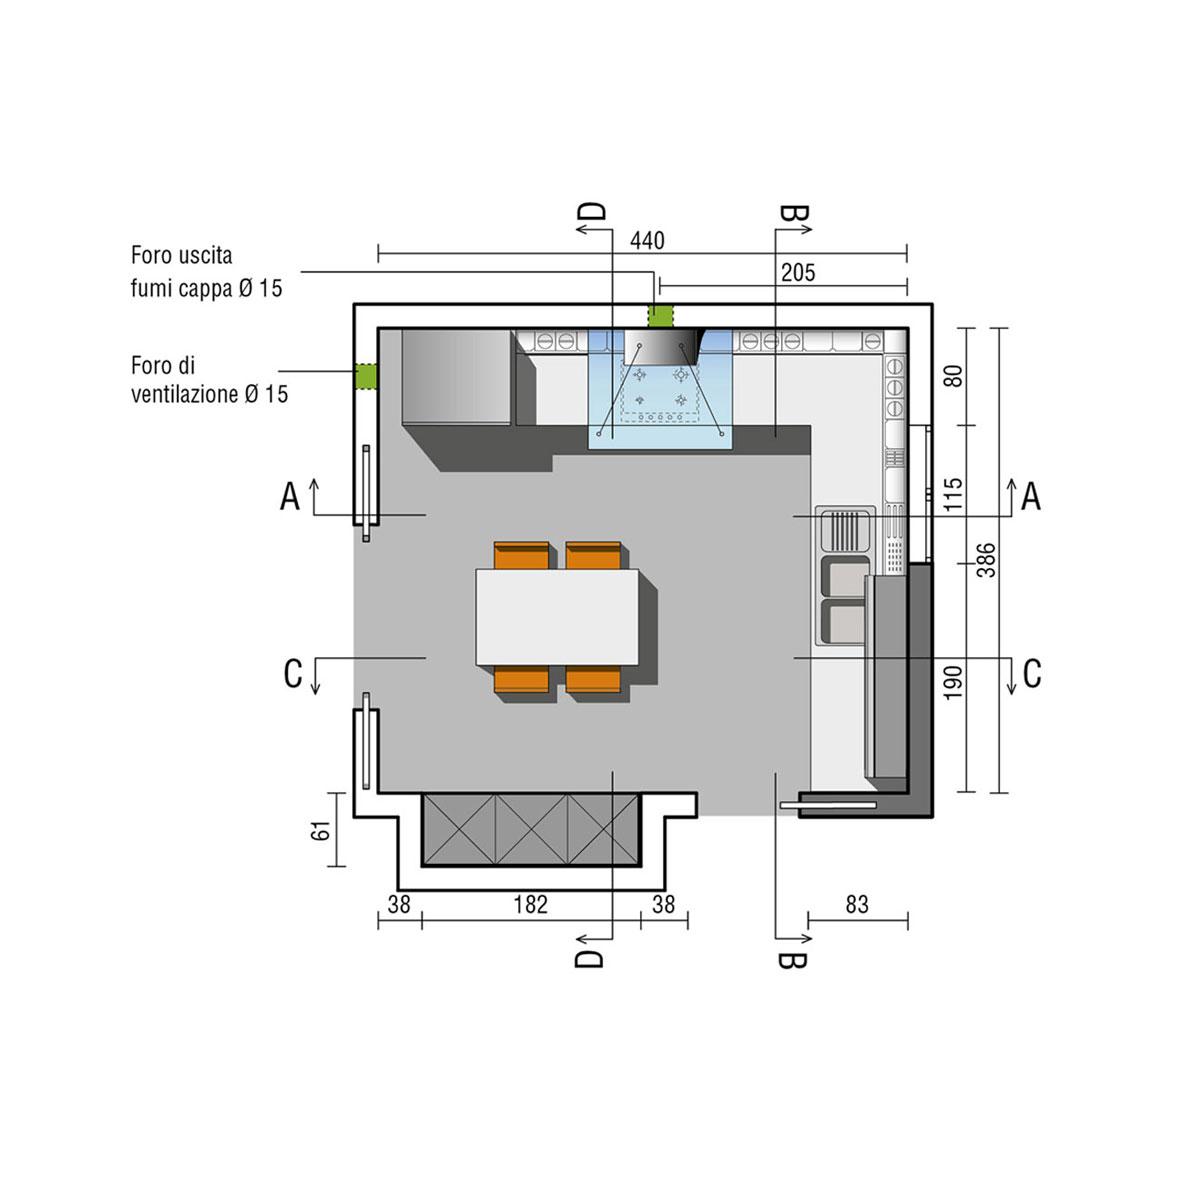 Progetti cucine angolari sq98 regardsdefemmes - Cucine angolari piccole dimensioni ...